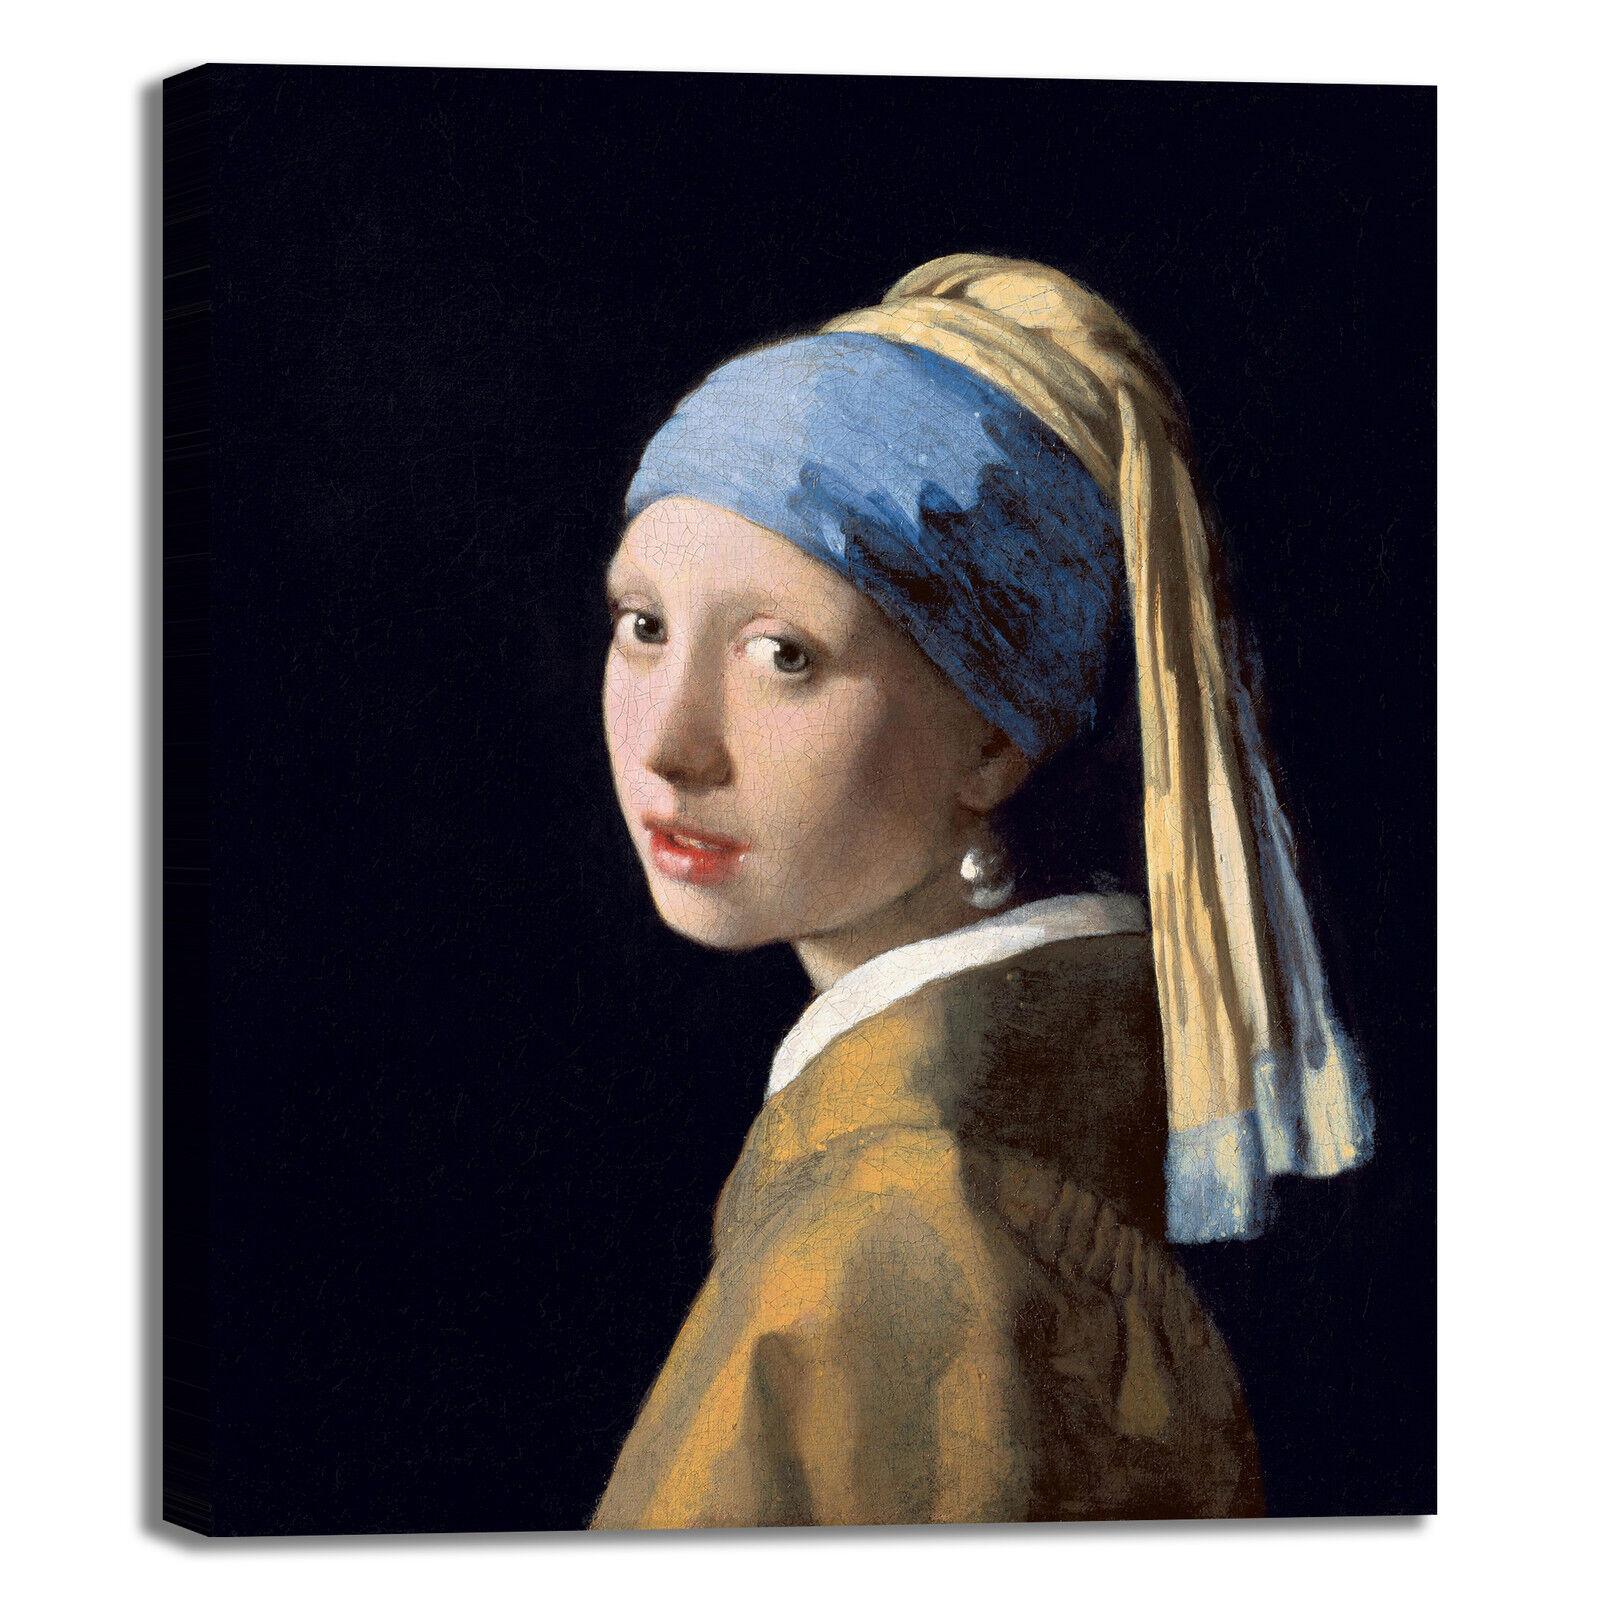 Vermeer ragazza con orecchino di perla quadro stampa arRouge tela dipinto telaio arRouge stampa o b57730